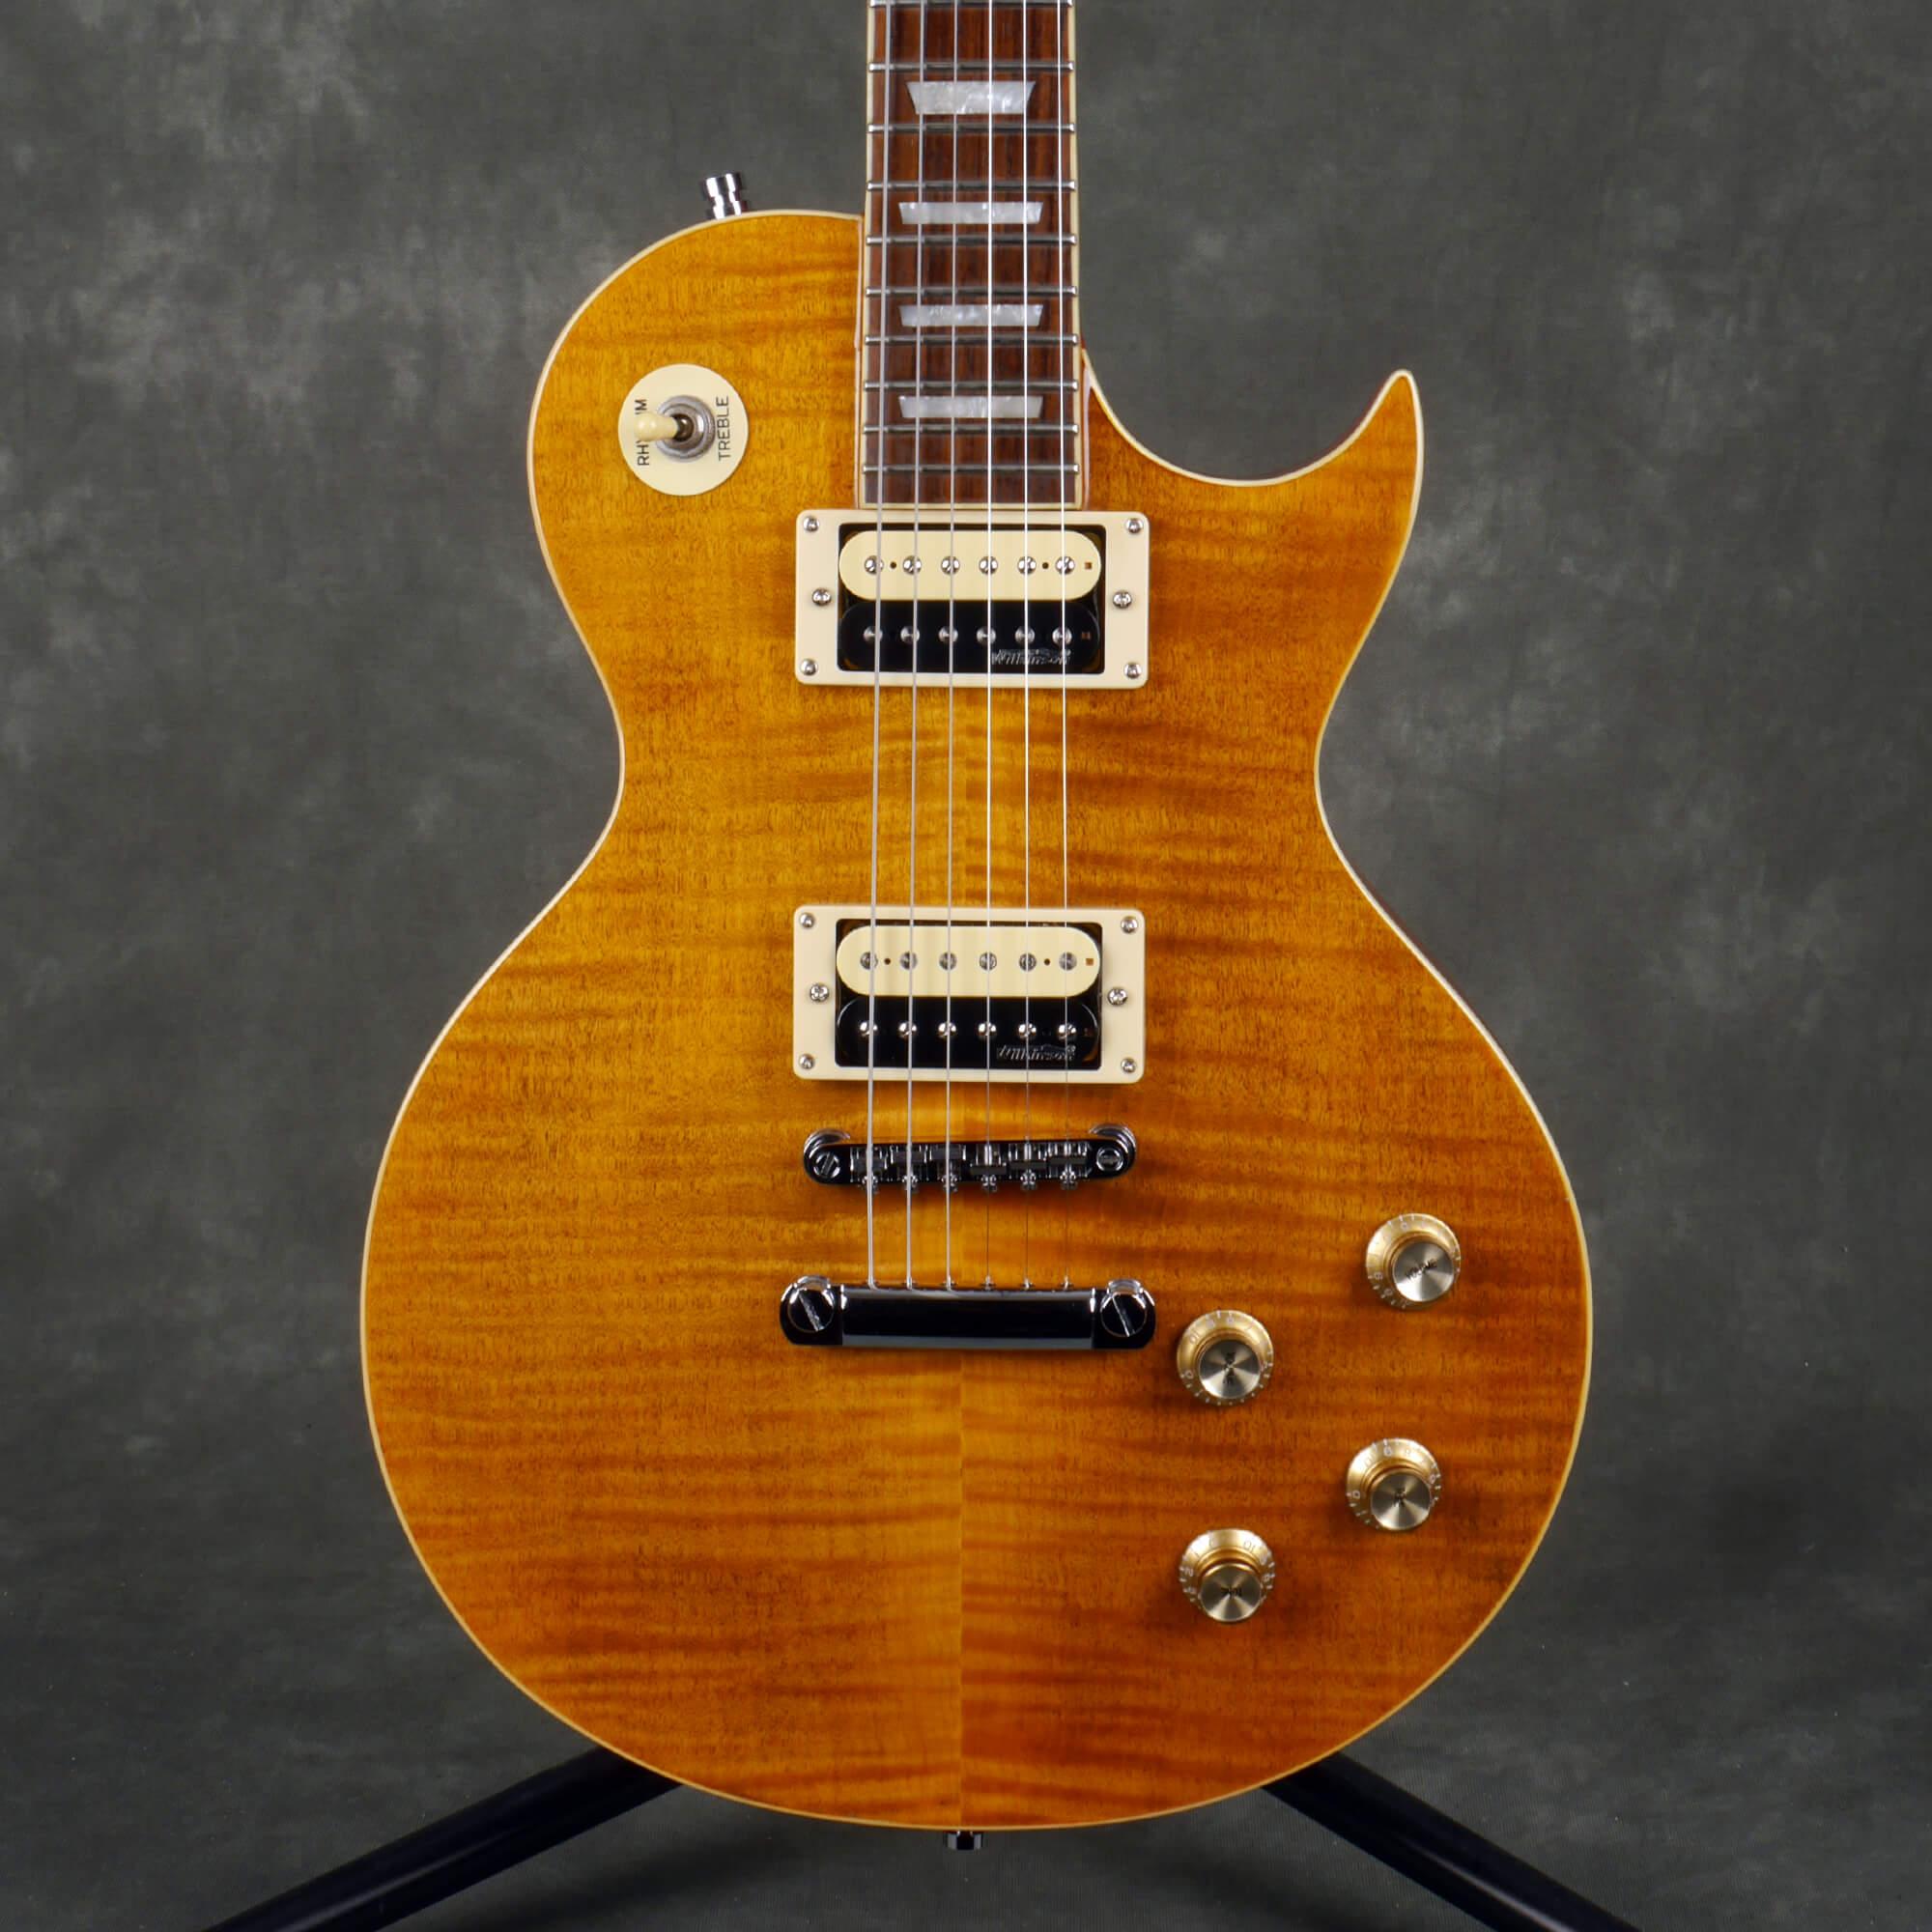 Vintage V100AFD Paradise Electric Guitar - Flamed Amber - 2nd Hand